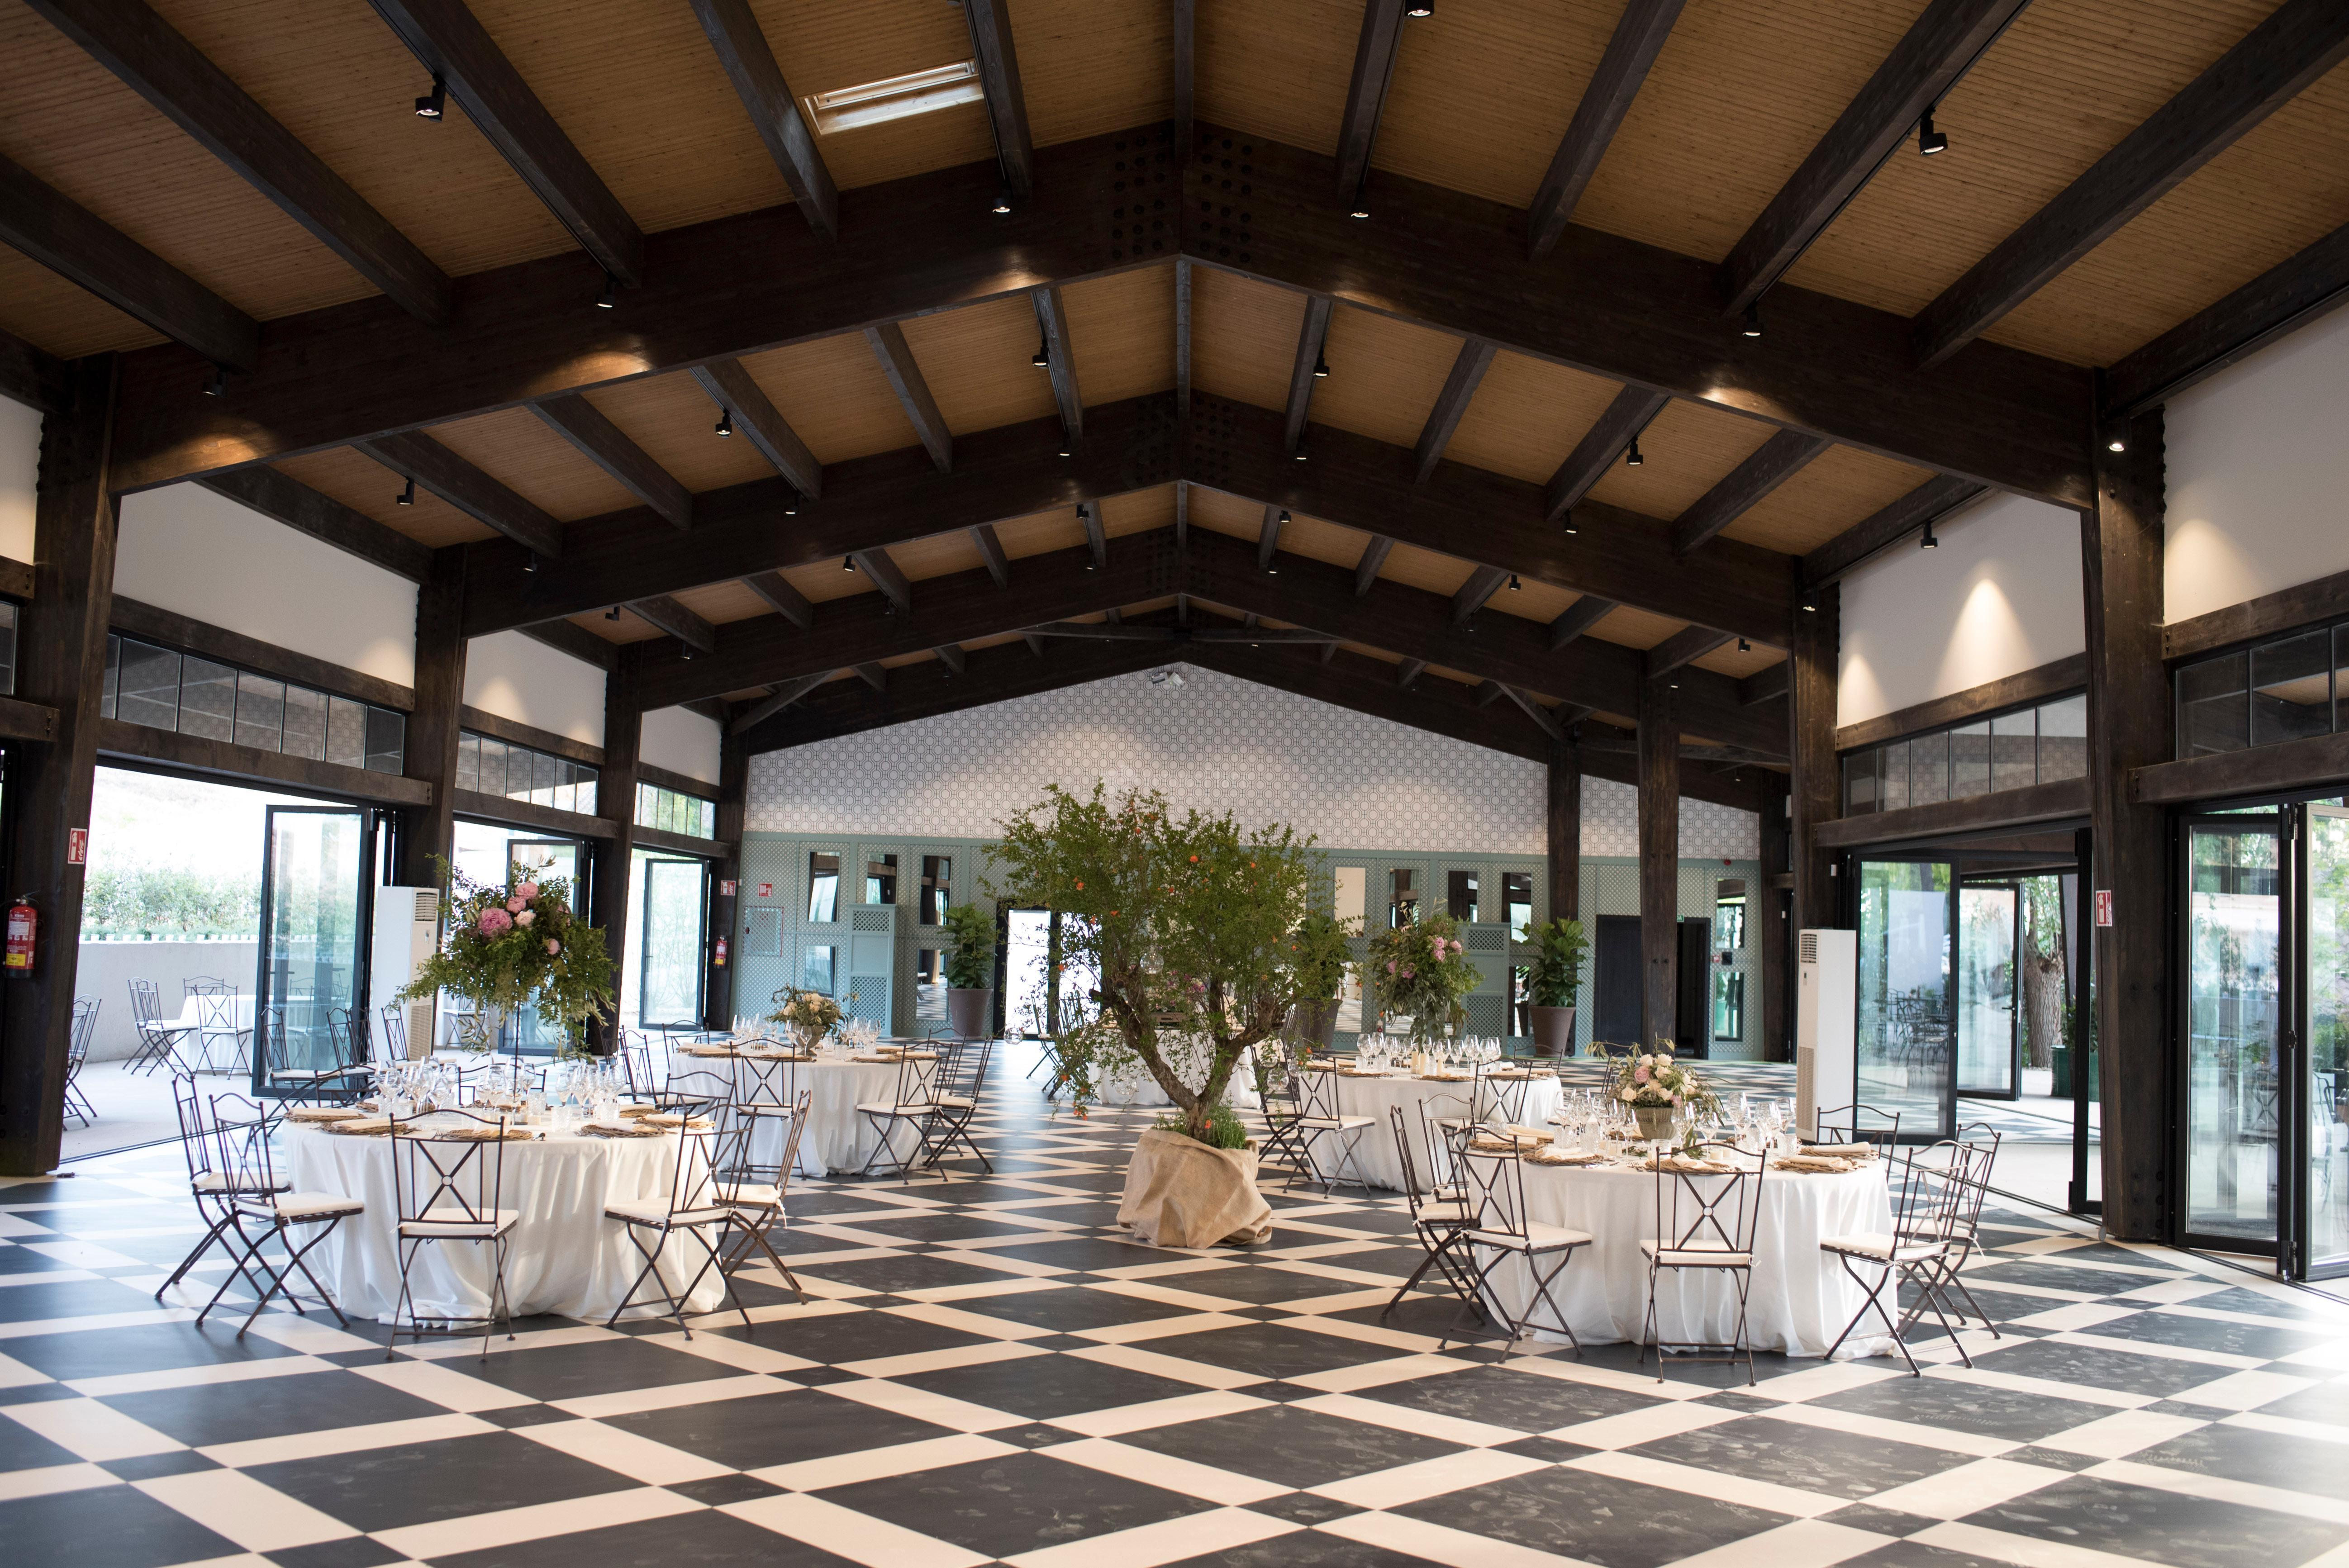 Celebra una boda de ensueño en El Soto de Mónico